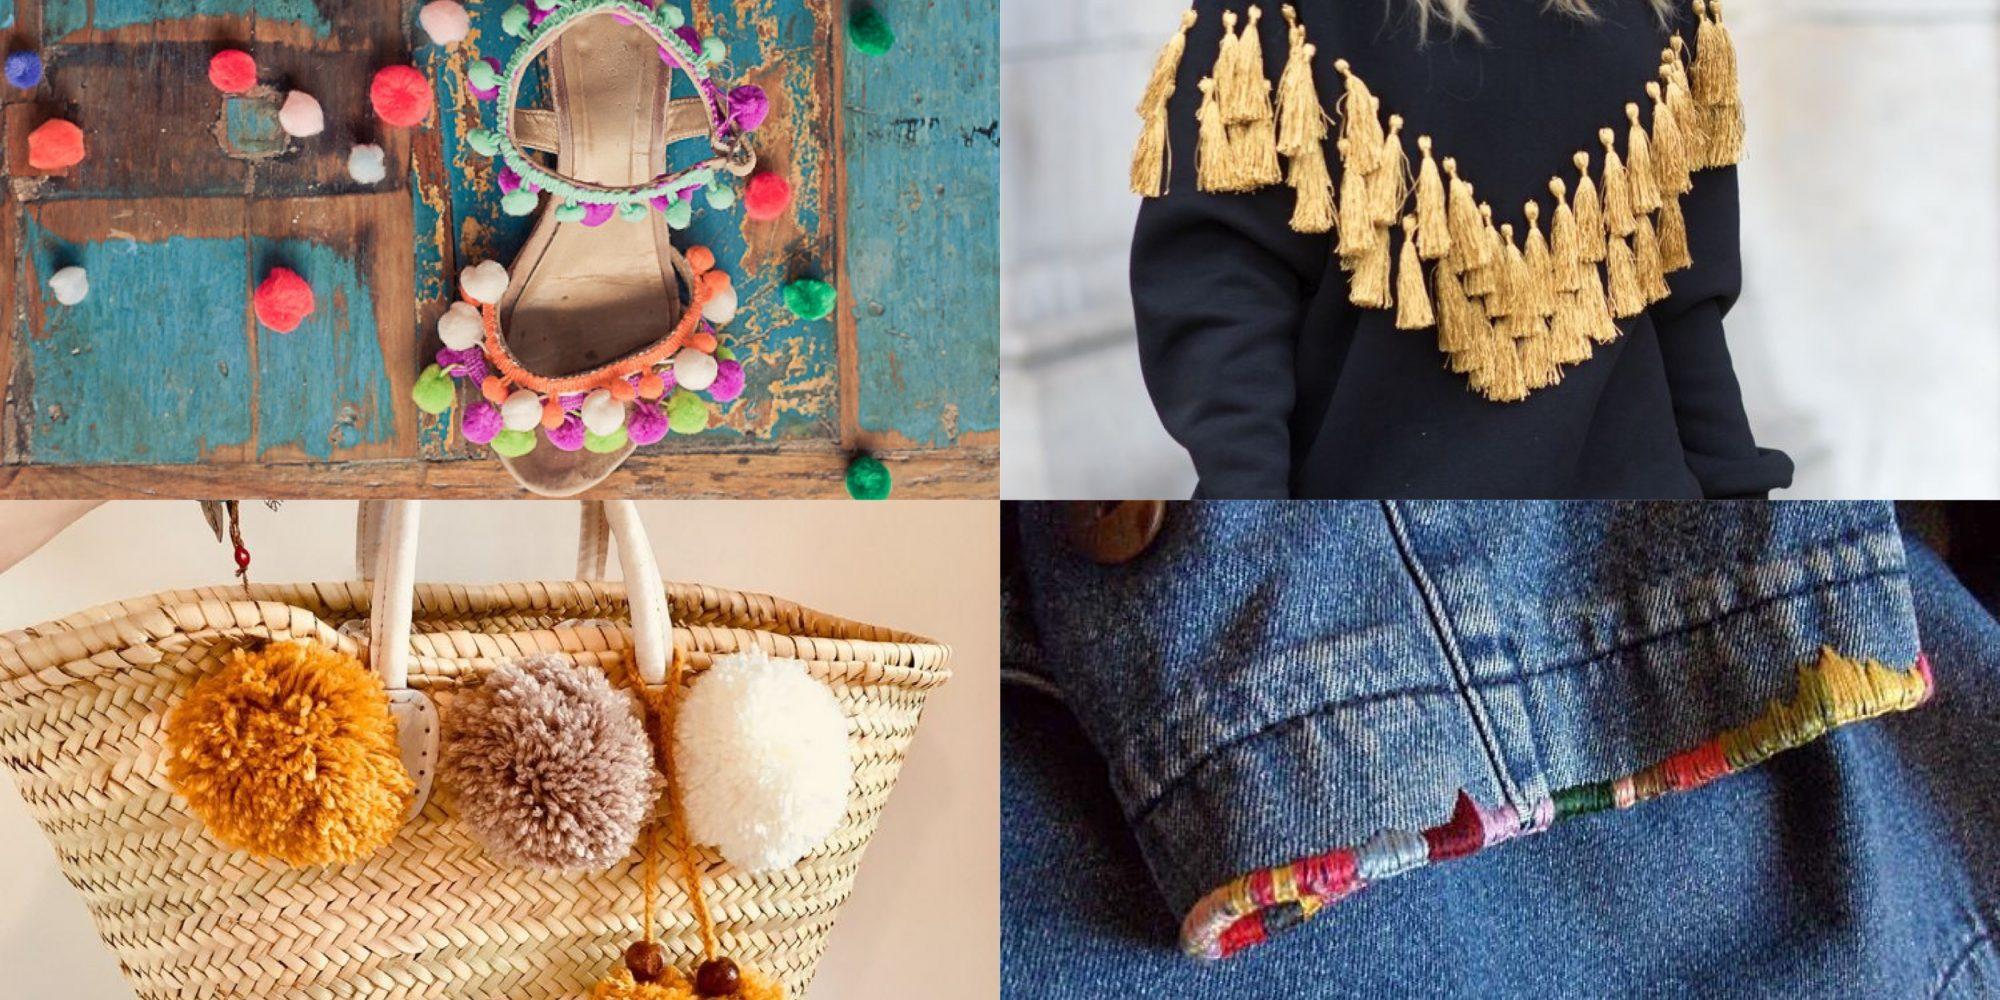 Surréaliste DIY: Customiser ses vêtements pour le printemps, c'est facile NJ-97